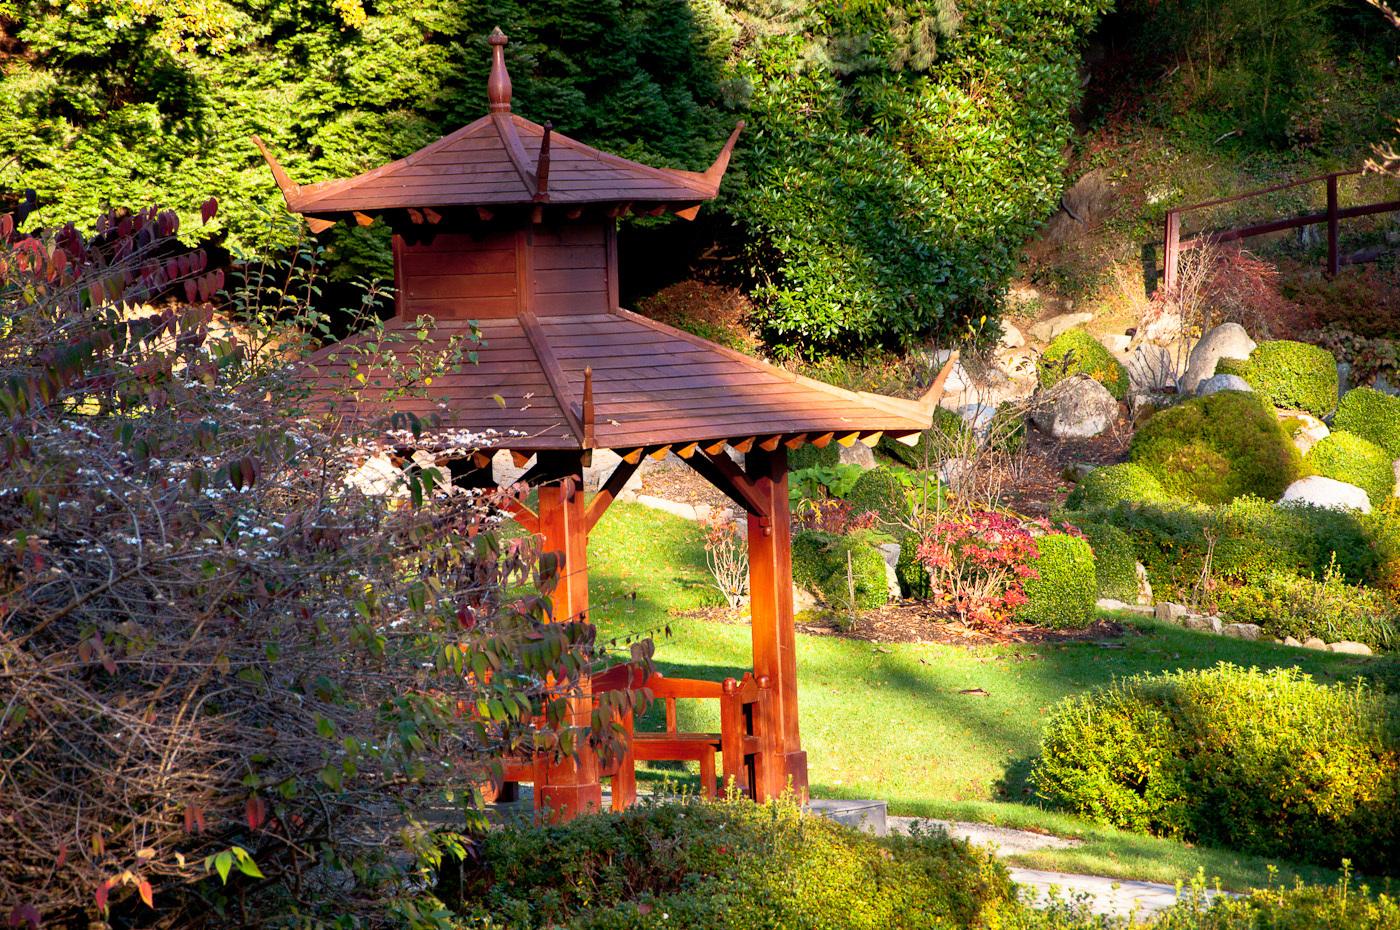 Подчеркнут вашу беседку, посаженные рядом невысокие растения с яркой листвой и необычной формой, рокарий(каменистый сад).